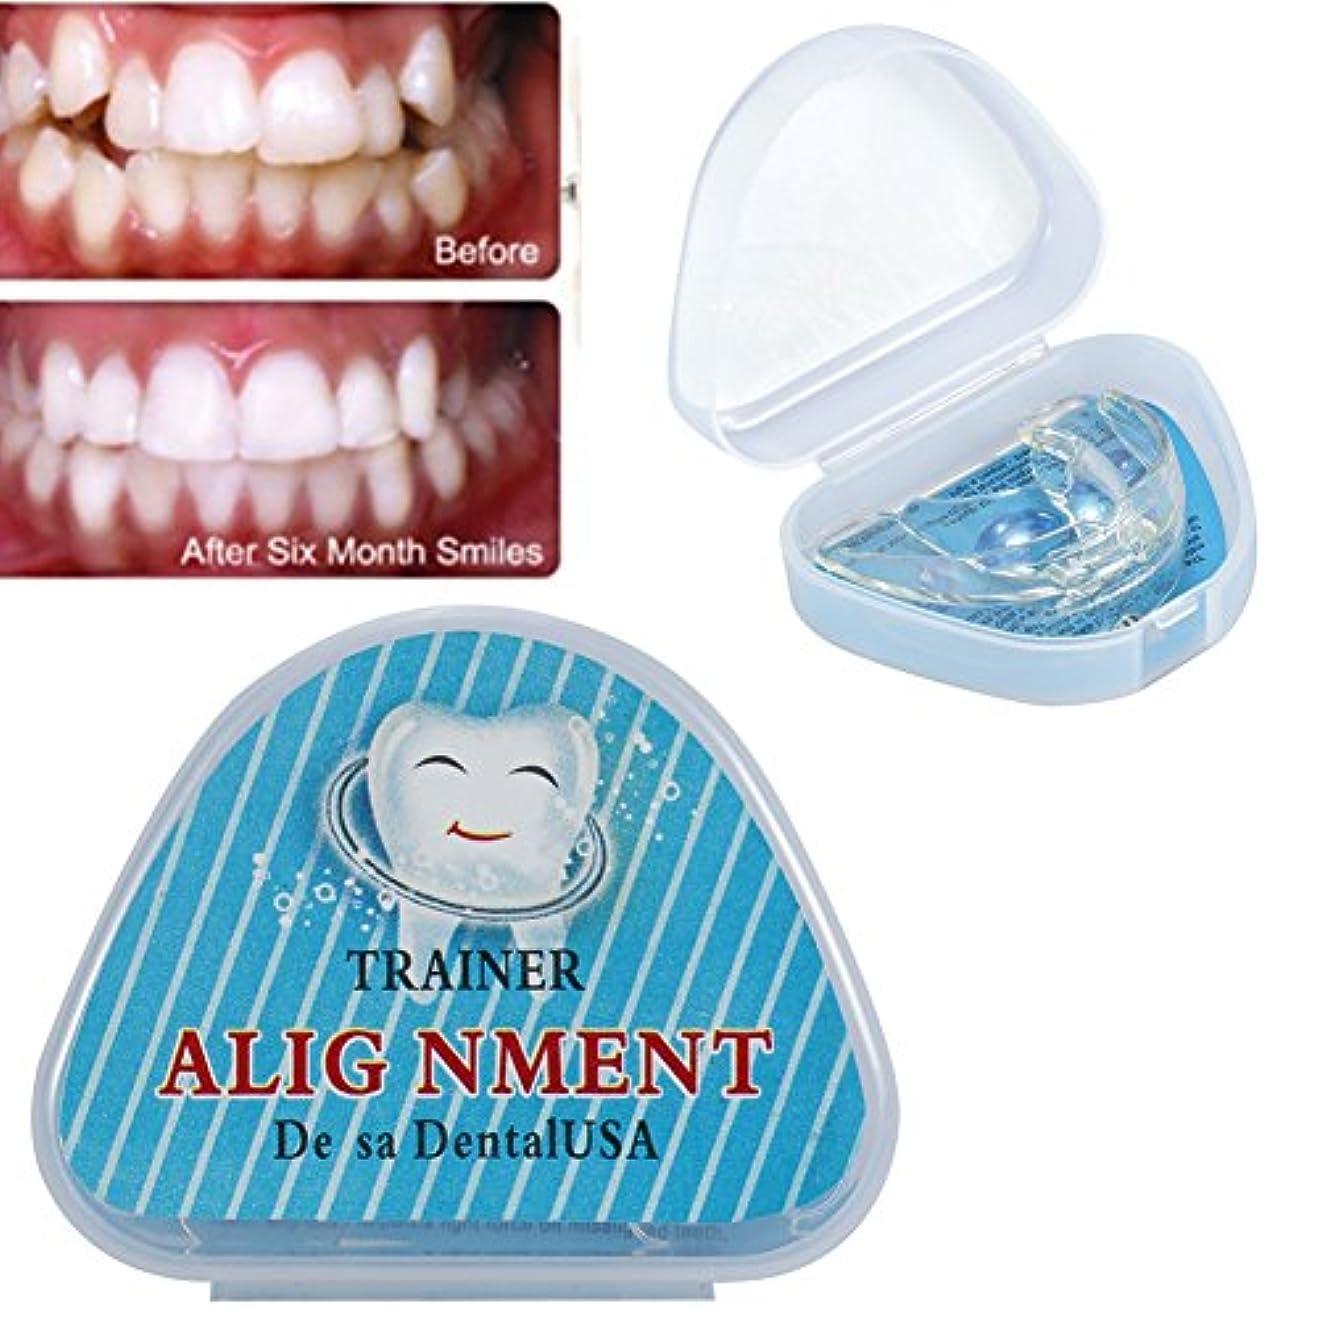 抽出不確実ディレクターEboxer 歯 矯正 矯正器 デンタルマウスピース 矯正用リテーナー マウスピース 噛み合わせ 歯ぎしり いびき防止 予防 歯並び 矯正